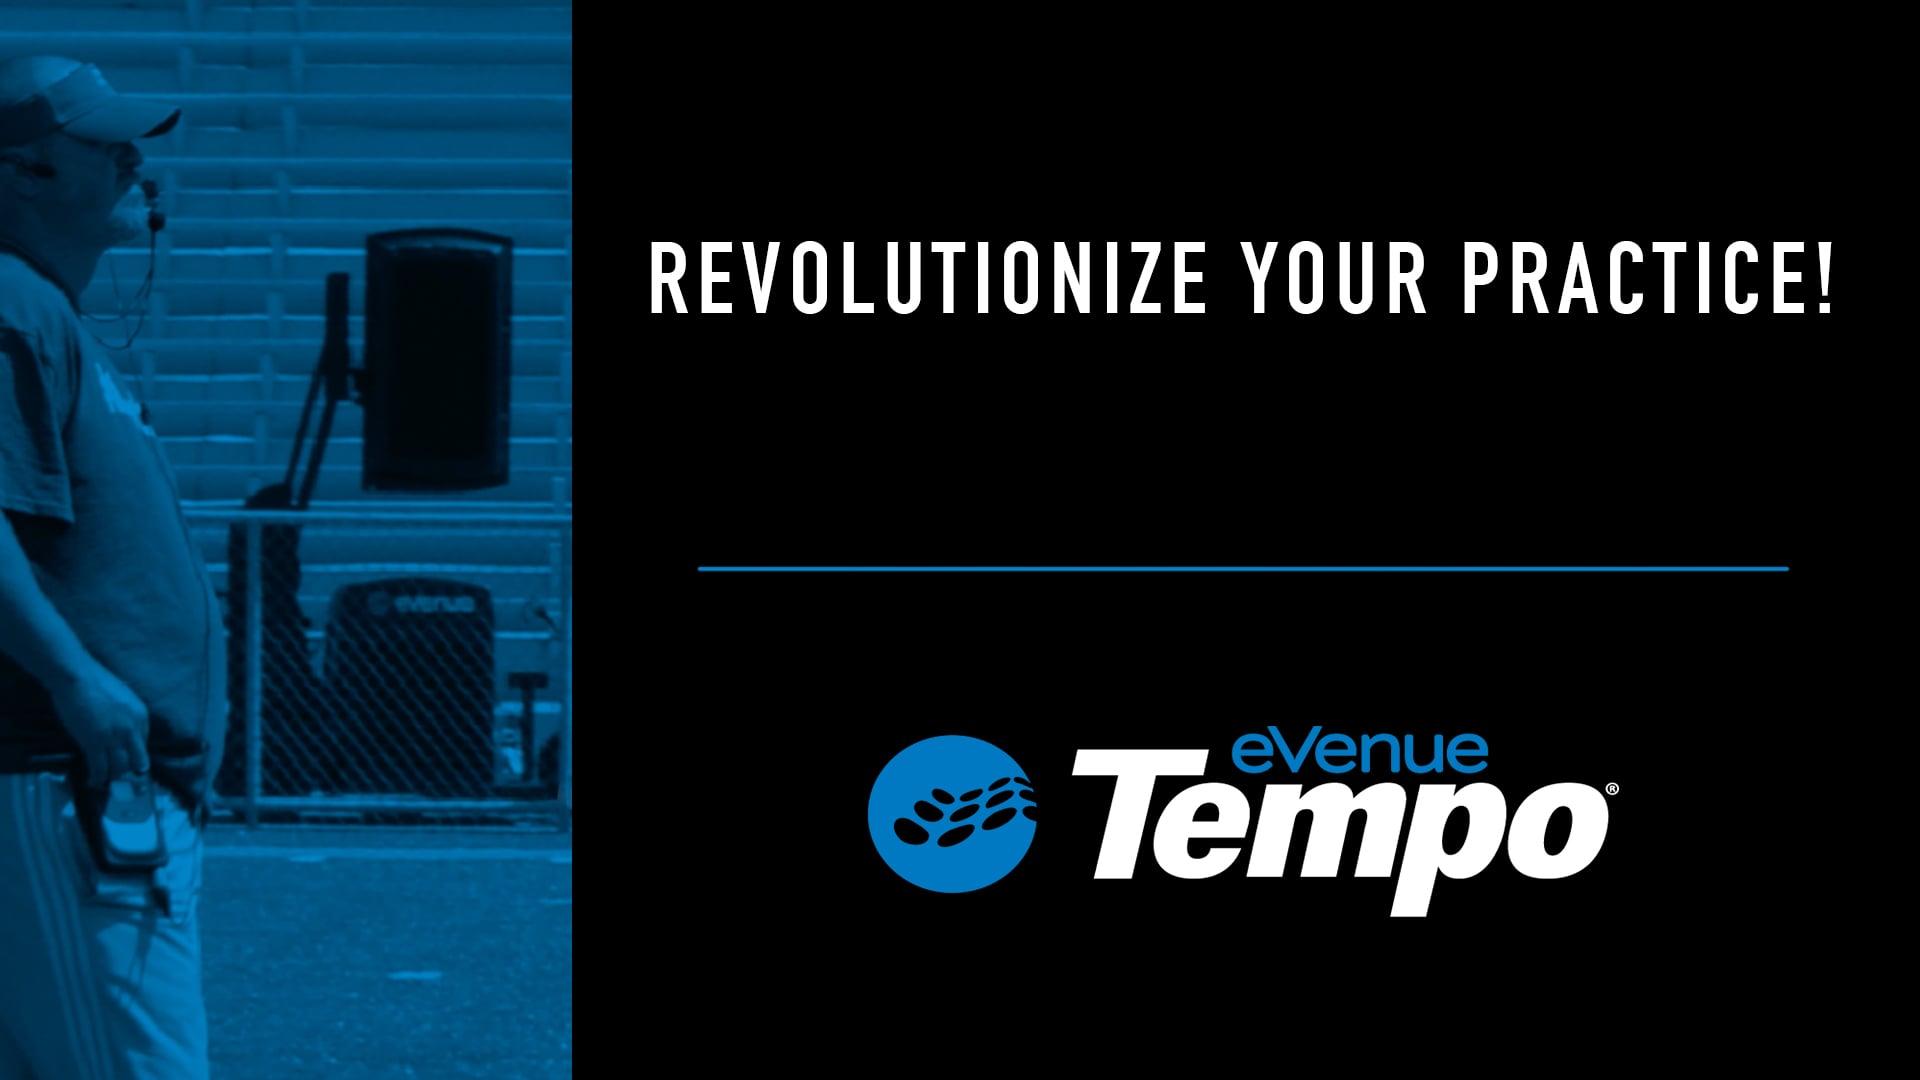 eVenue Tempo - Revolutionize Your Practice